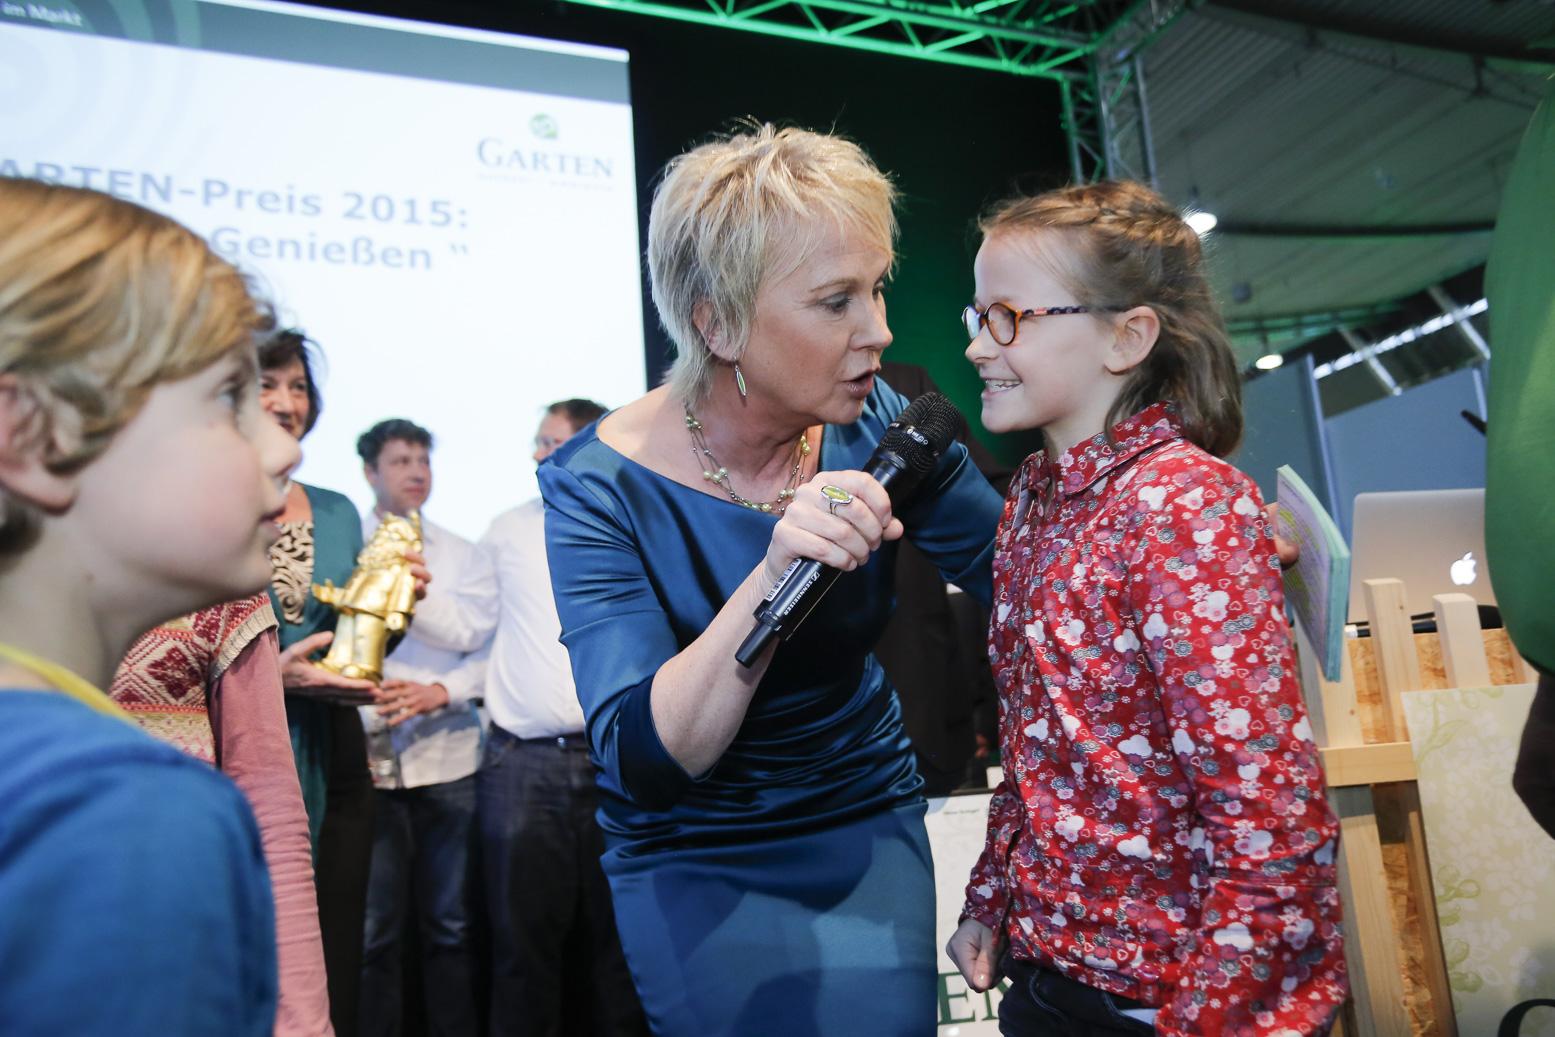 Andrea Mueller Moderation der Gartenpreisverleihung 2015 auf der Messe garden-outdoor-ambiente in Stuttgart im April 2015